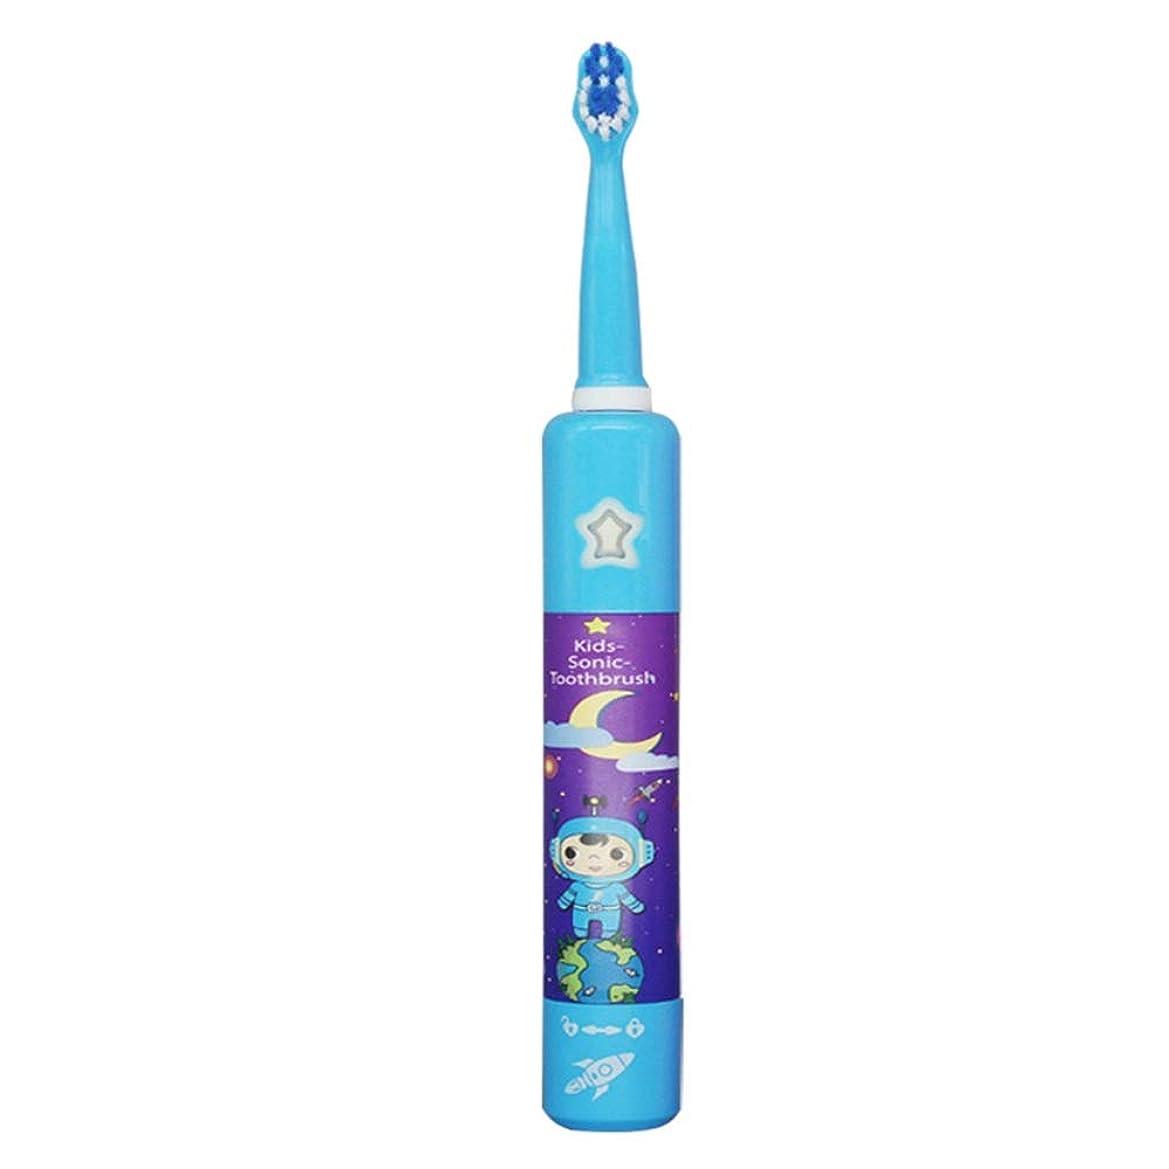 人生を作るしなければならない致死電動歯ブラシ 子供の電気usb充電式歯ブラシかわいい柔らかい髪音楽歯ブラシ付きホルダーと1つの交換用ヘッド日常用 大人と子供向け (色 : 青, サイズ : Free size)